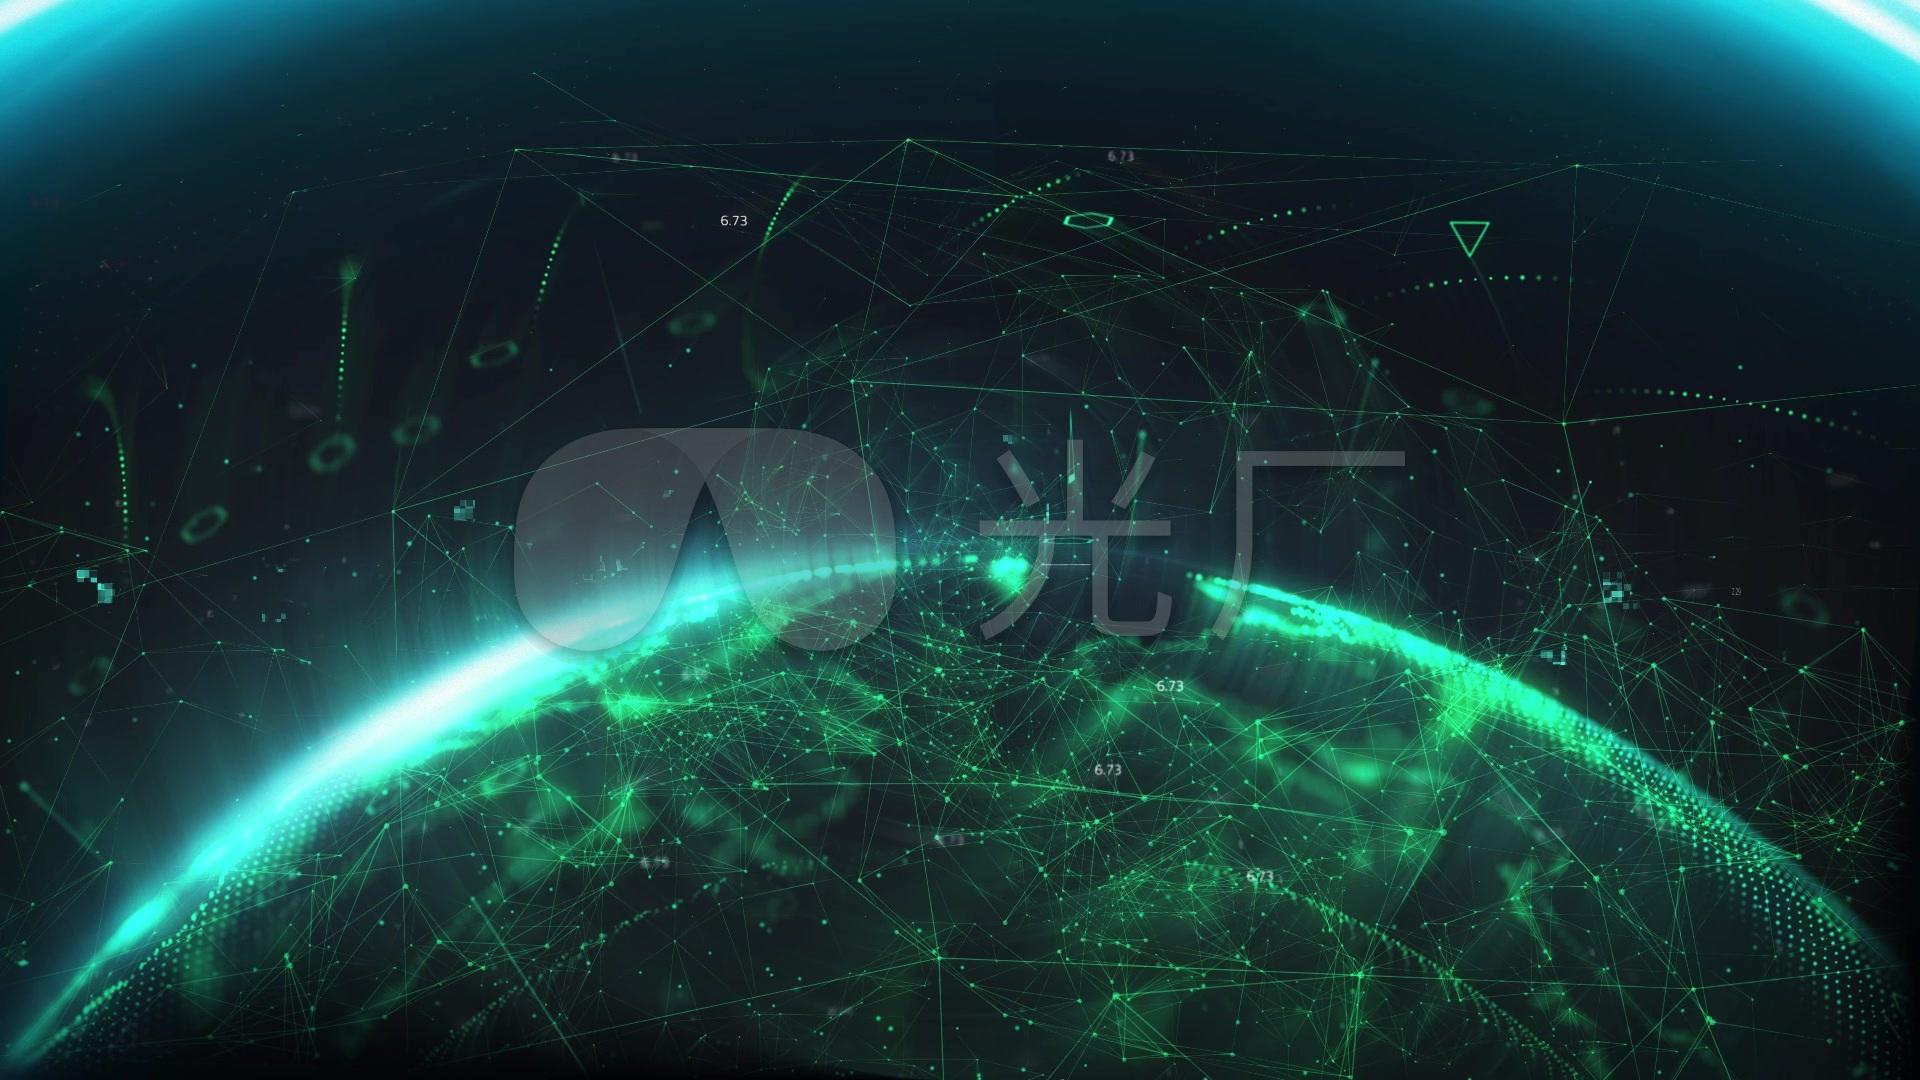 未來科技感數碼數字地球片頭動畫_1920x1080_高清視頻圖片